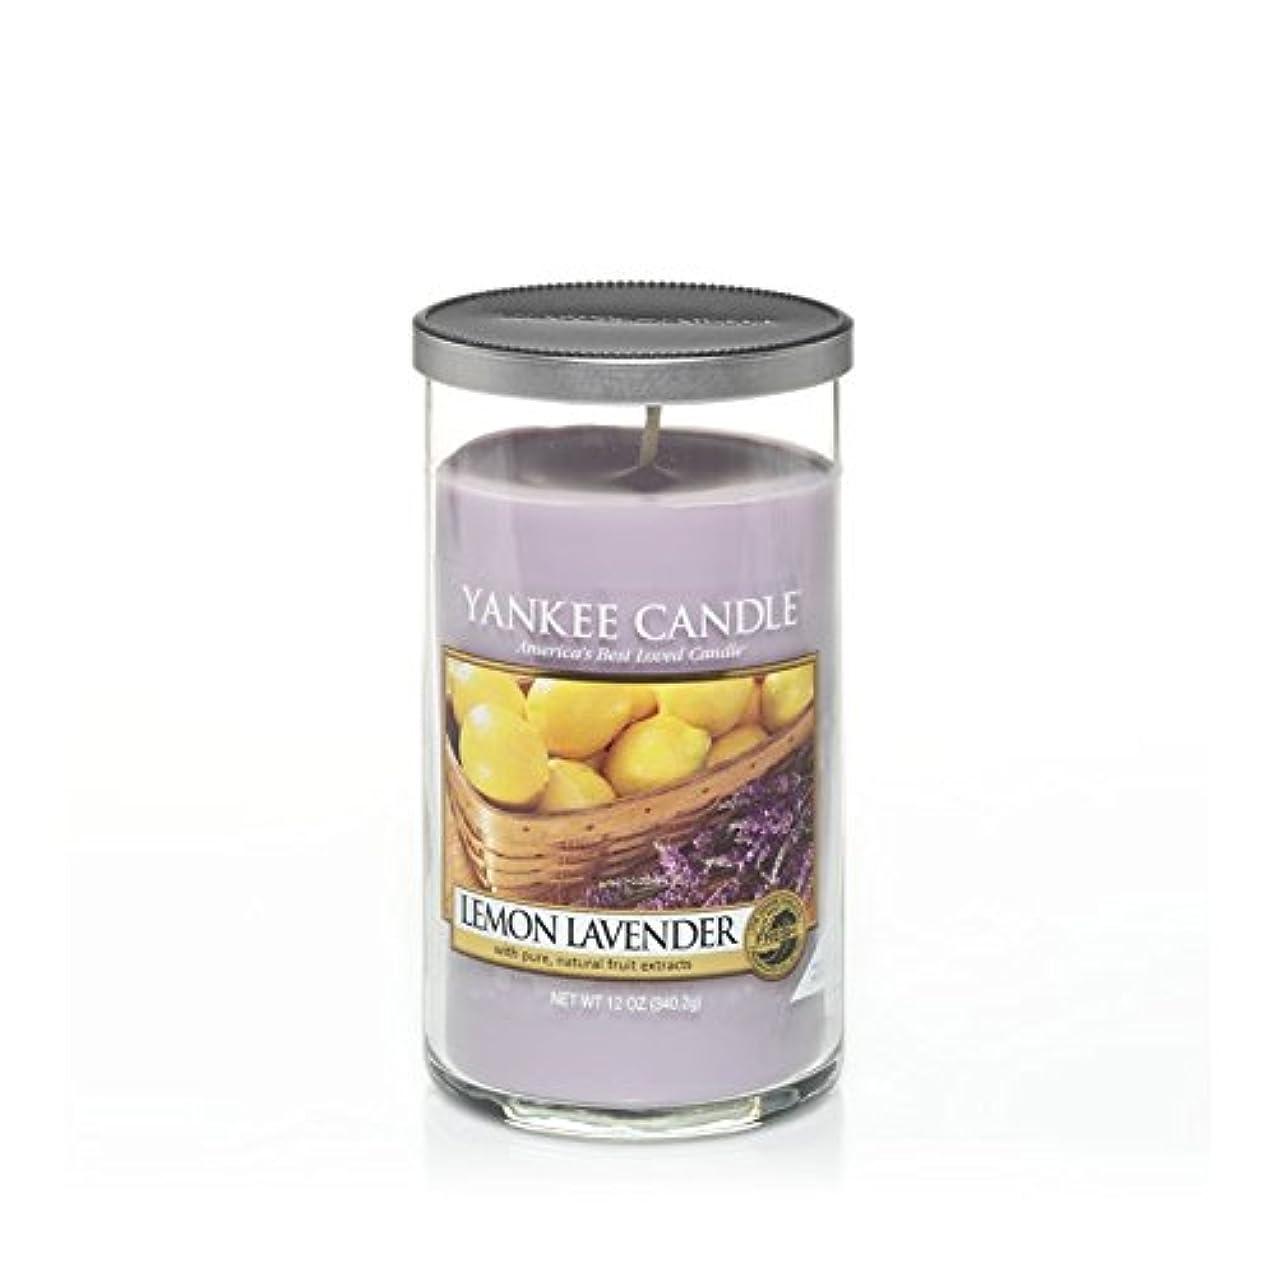 直径めまい悪行ヤンキーキャンドルメディアピラーキャンドル - レモンラベンダー - Yankee Candles Medium Pillar Candle - Lemon Lavender (Yankee Candles) [並行輸入品]